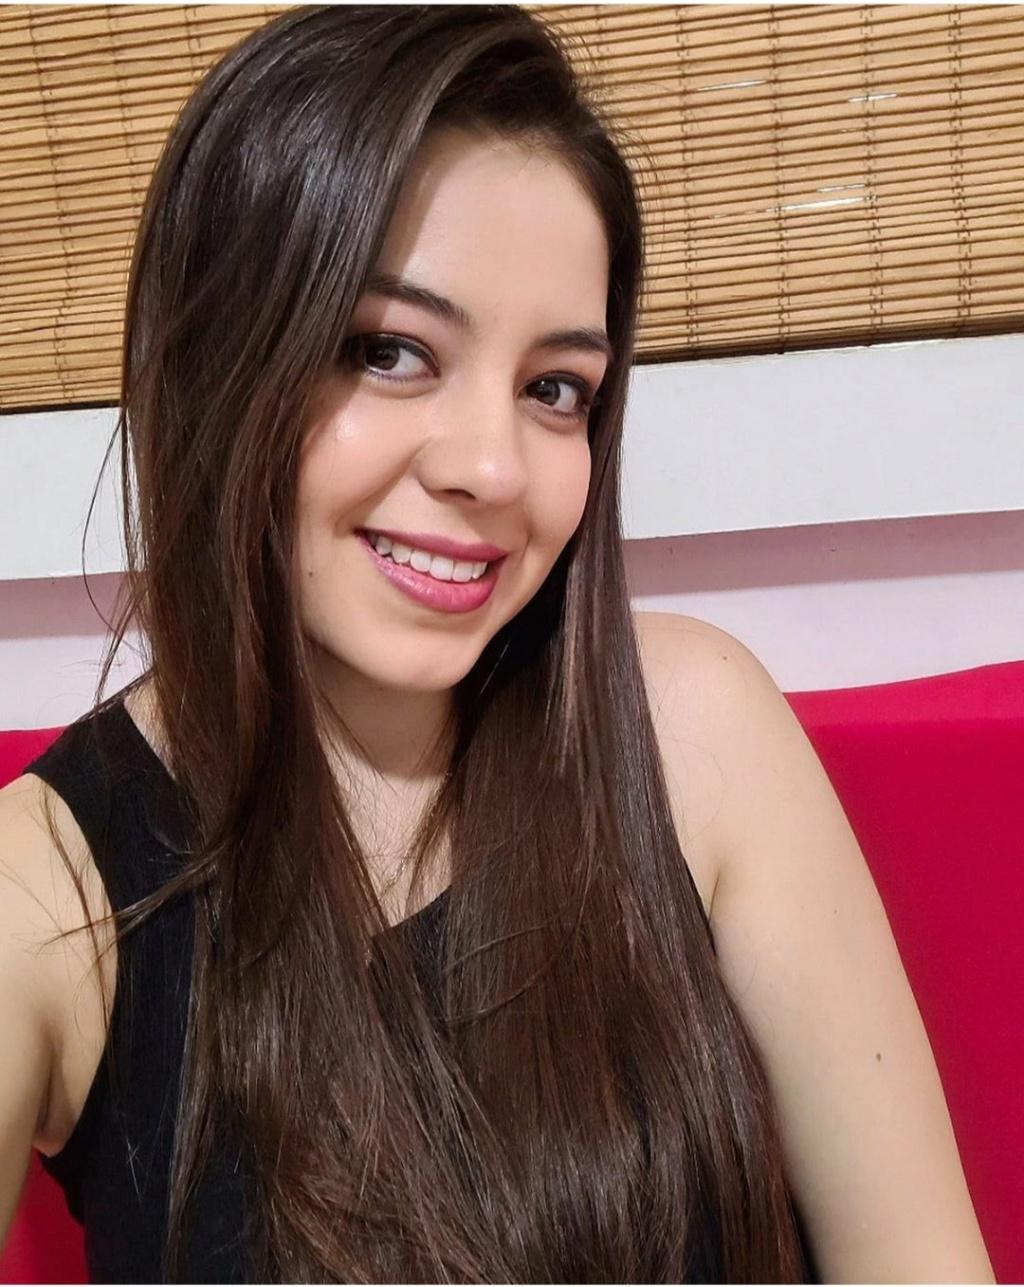 DEBATE sobre belleza, guapura y hermosura (fotos de chicas latinas, mestizas, y de todo) - VOL II - Página 2 Img_1721